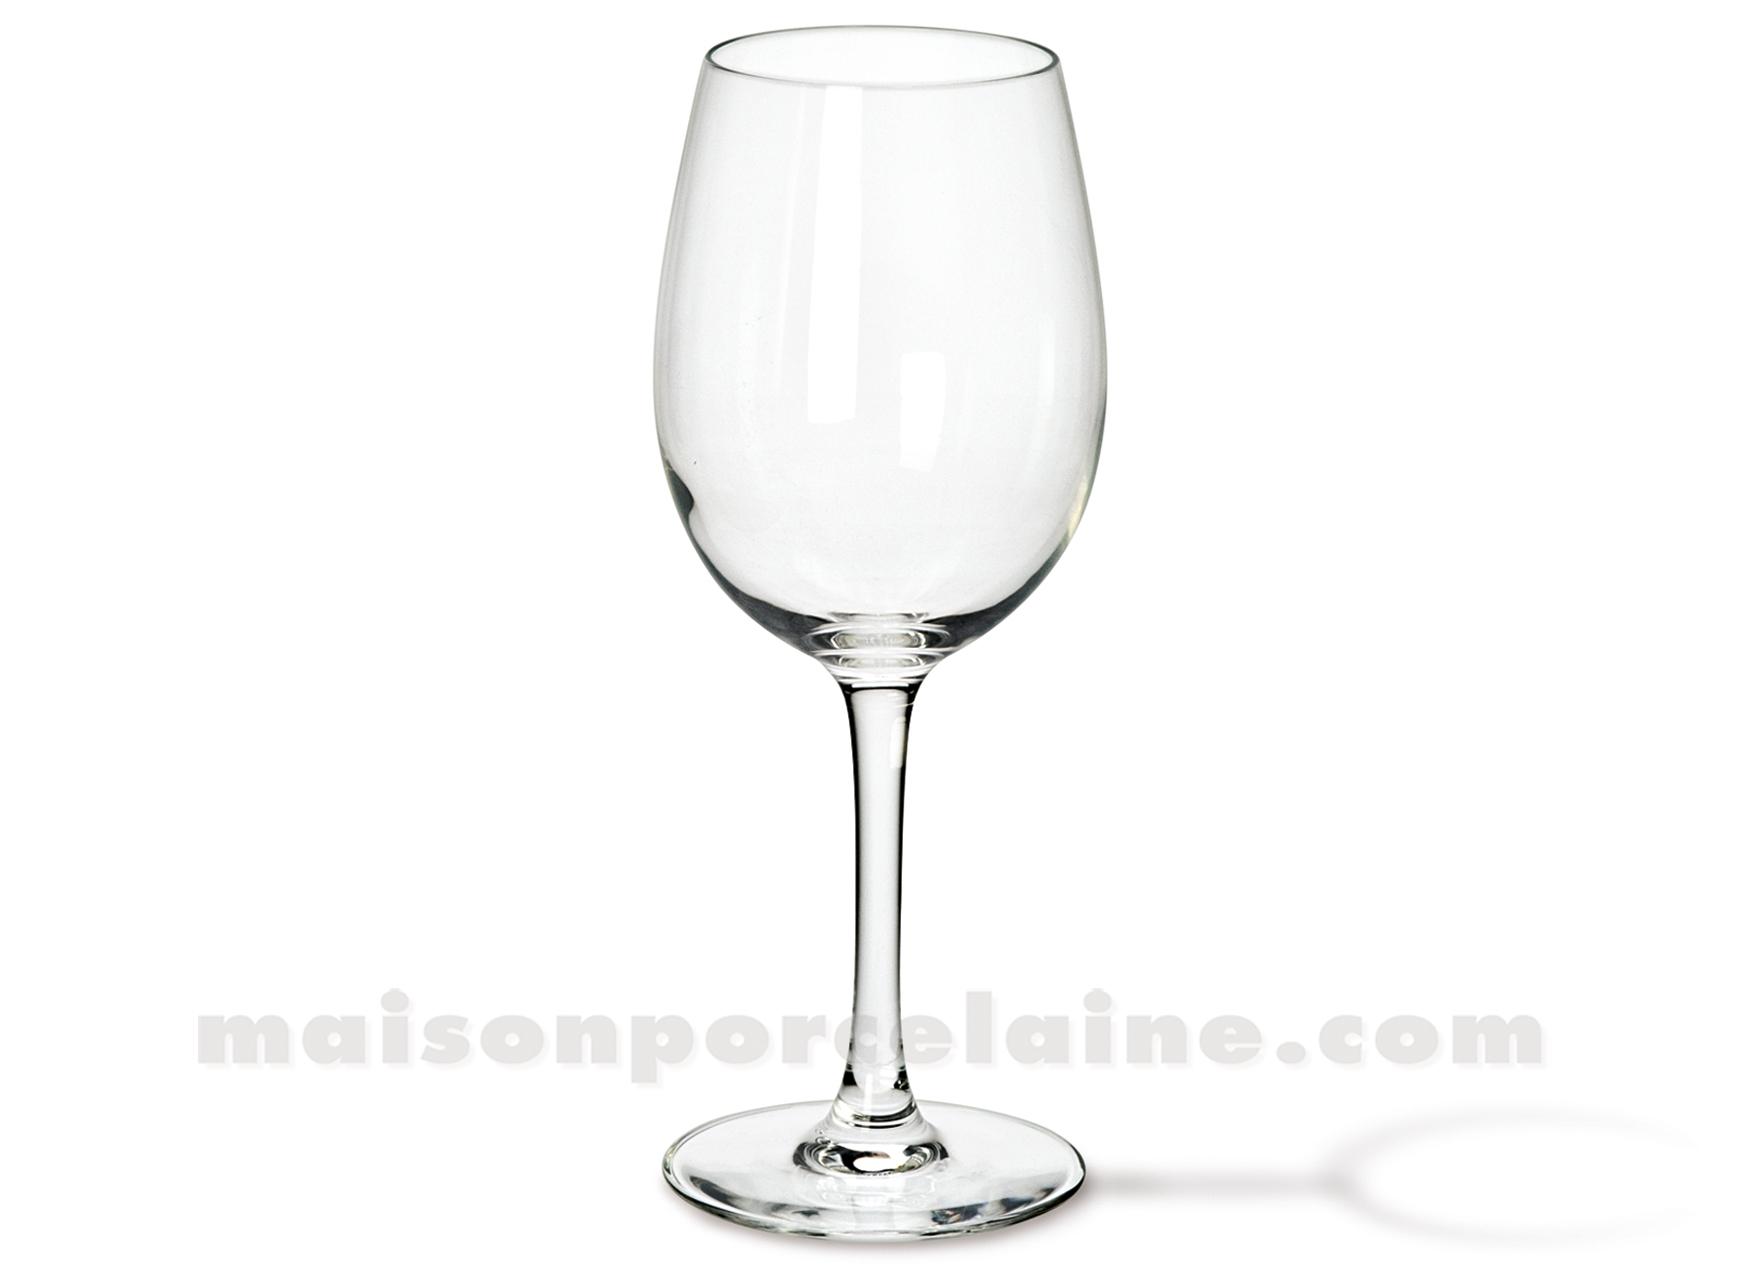 verre a vin degustation tulipe cabernet 47cl h22cm kwarx maison de la porcelaine. Black Bedroom Furniture Sets. Home Design Ideas